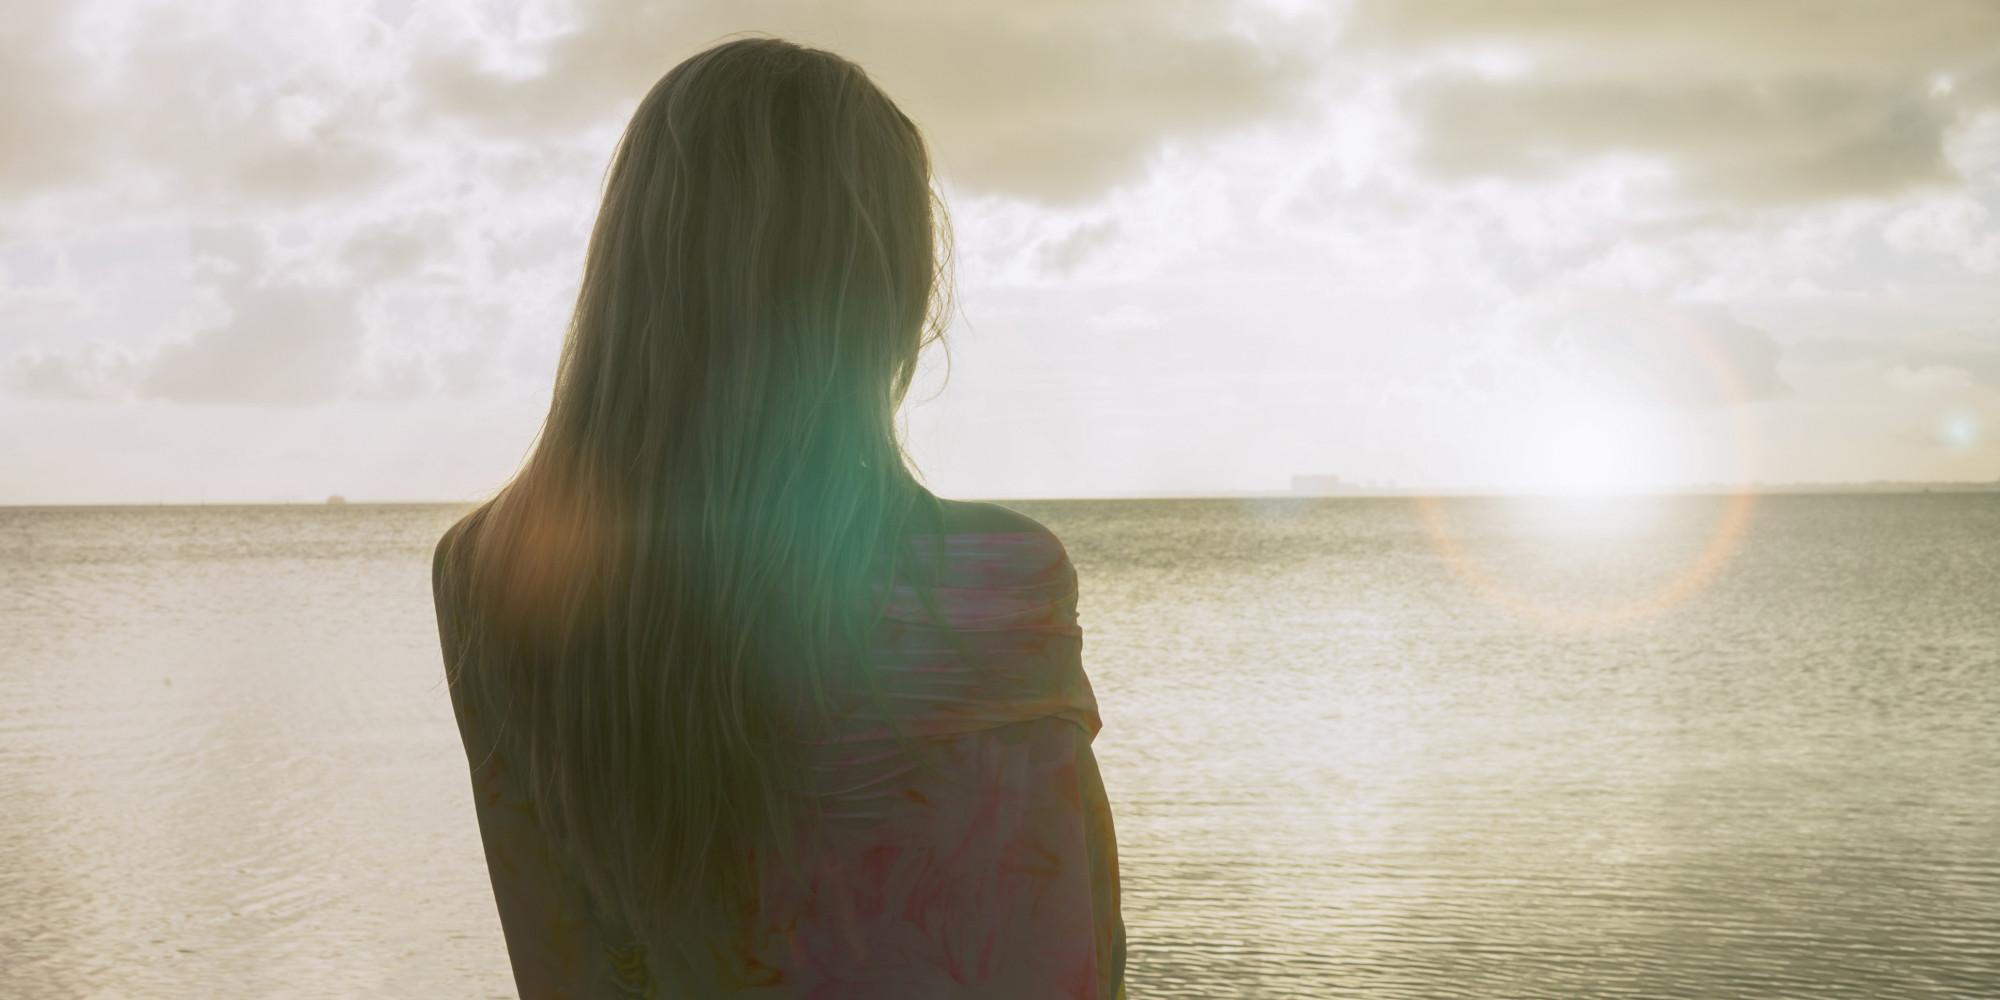 femeie se uita spre orizont mare